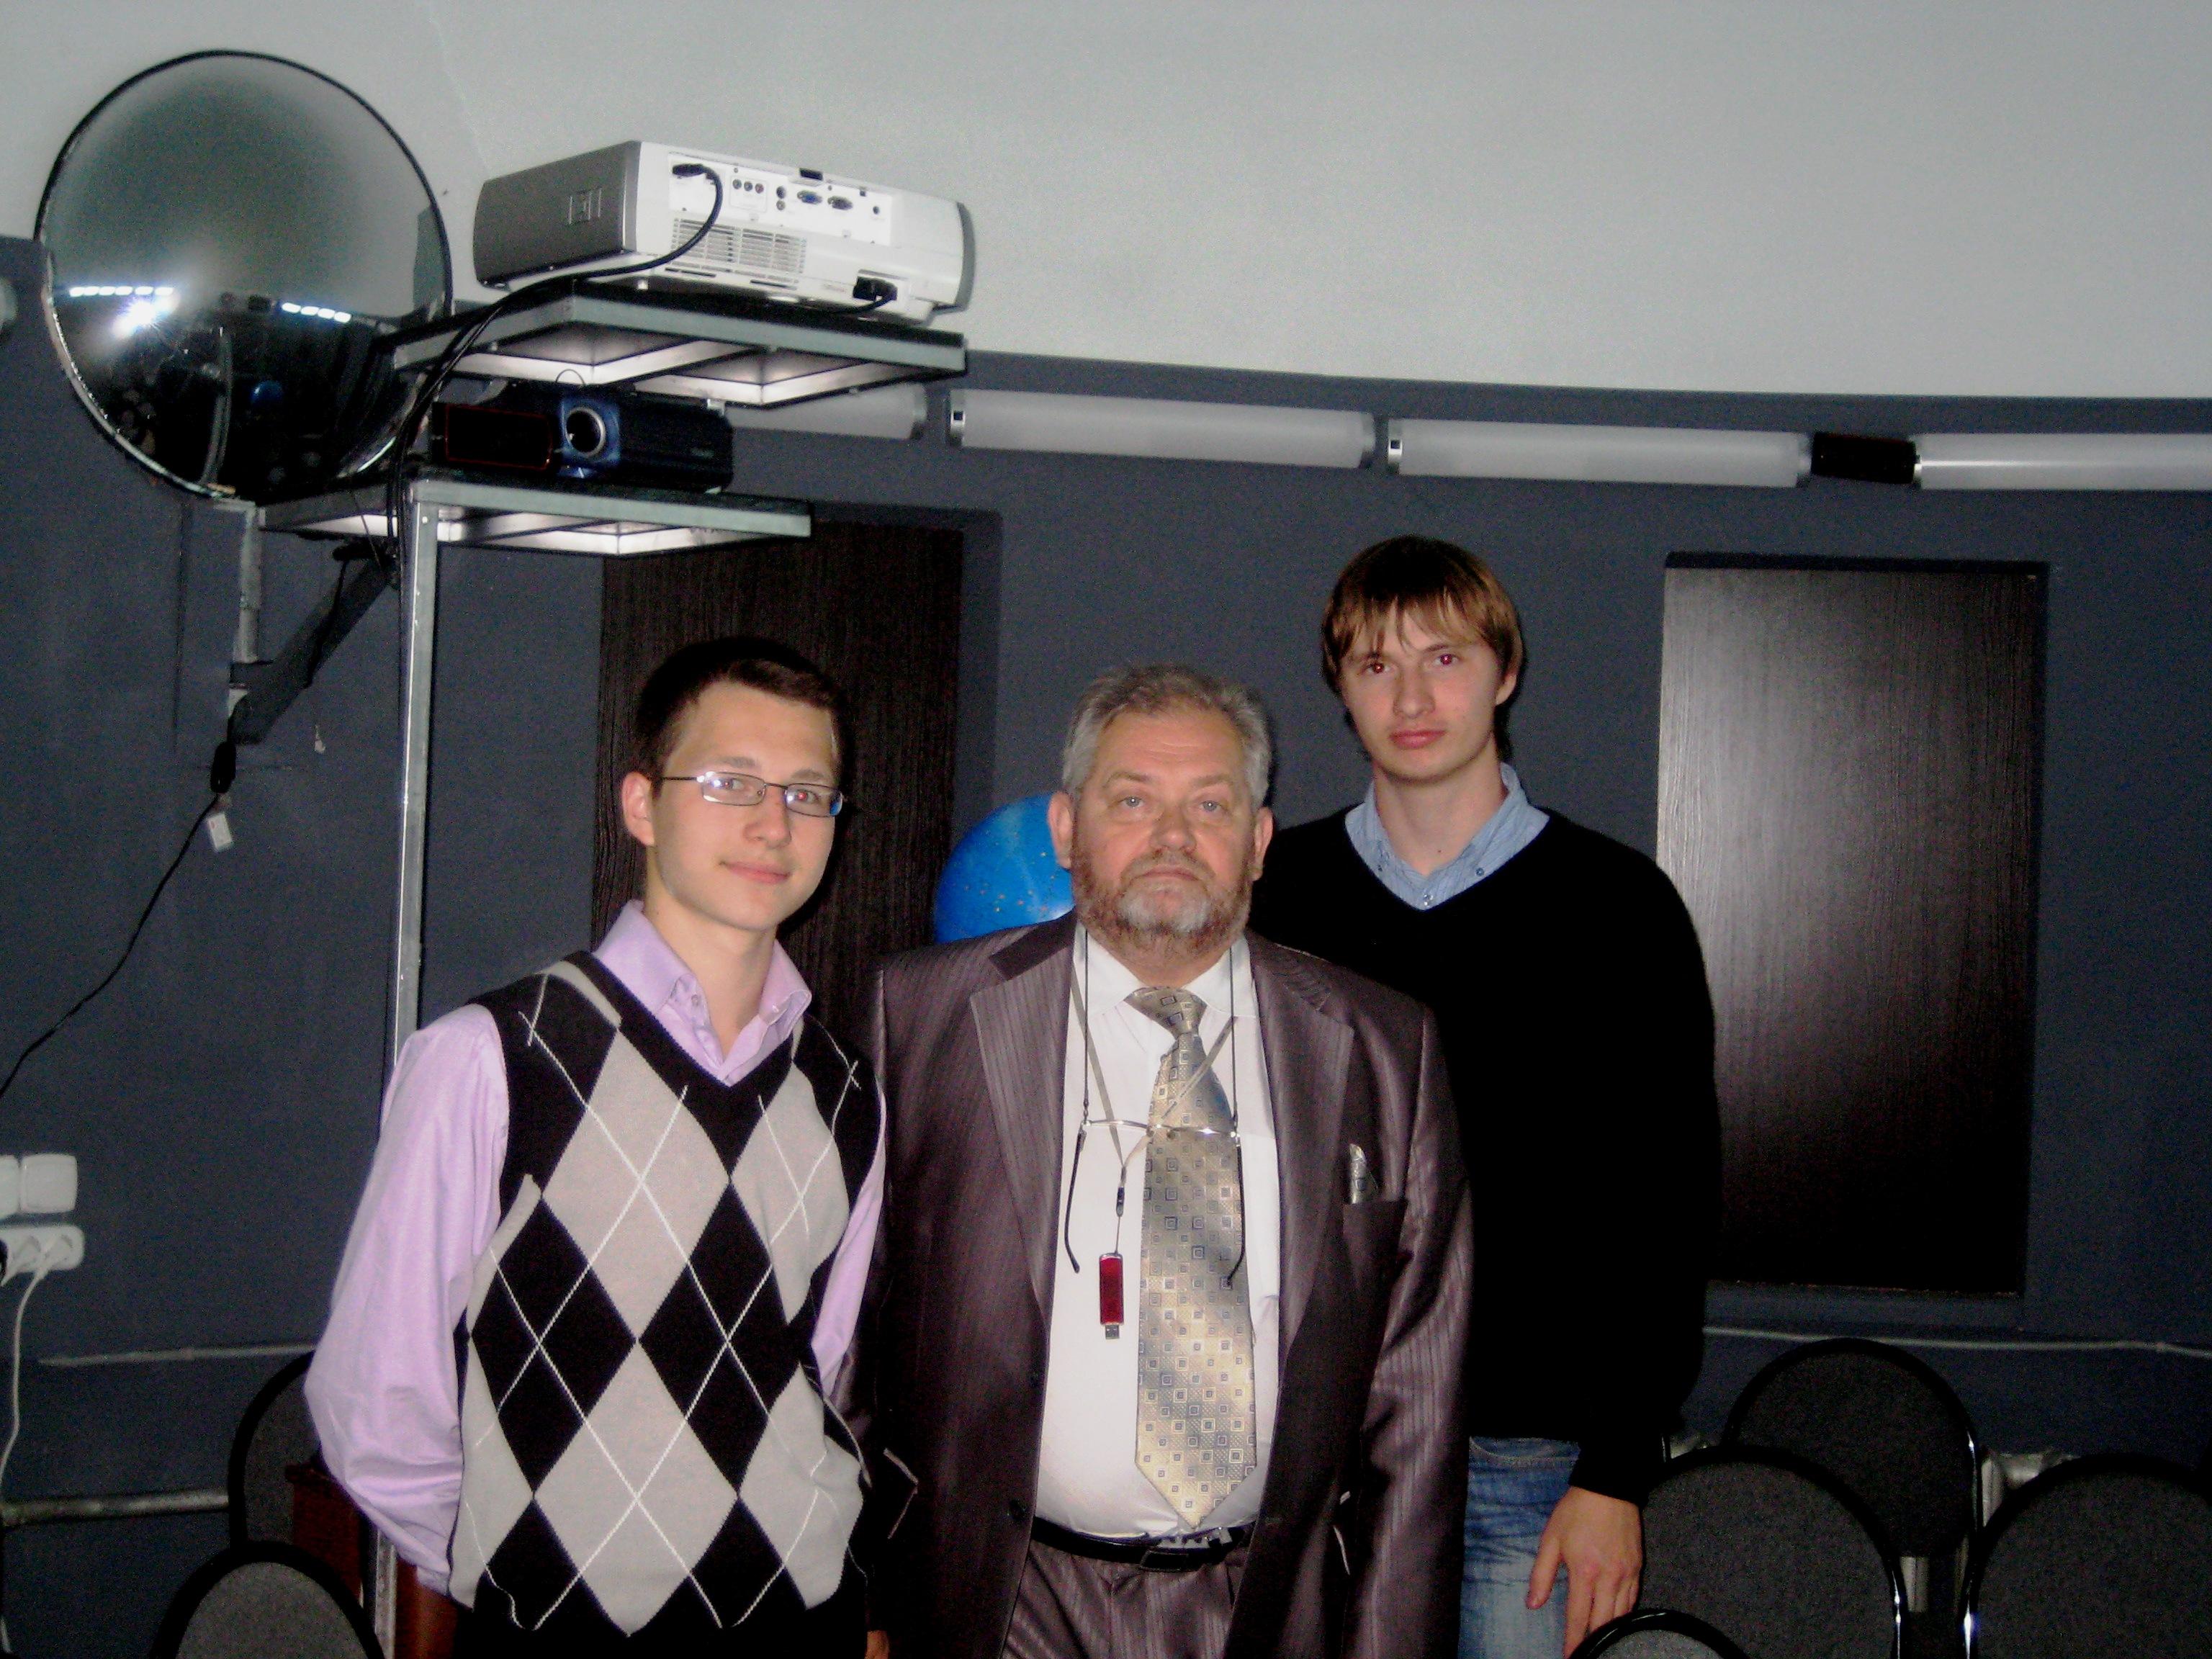 Создатели цифрового планетария Колодкин И.В., Царьков И.С., Чеботарев П.Н.